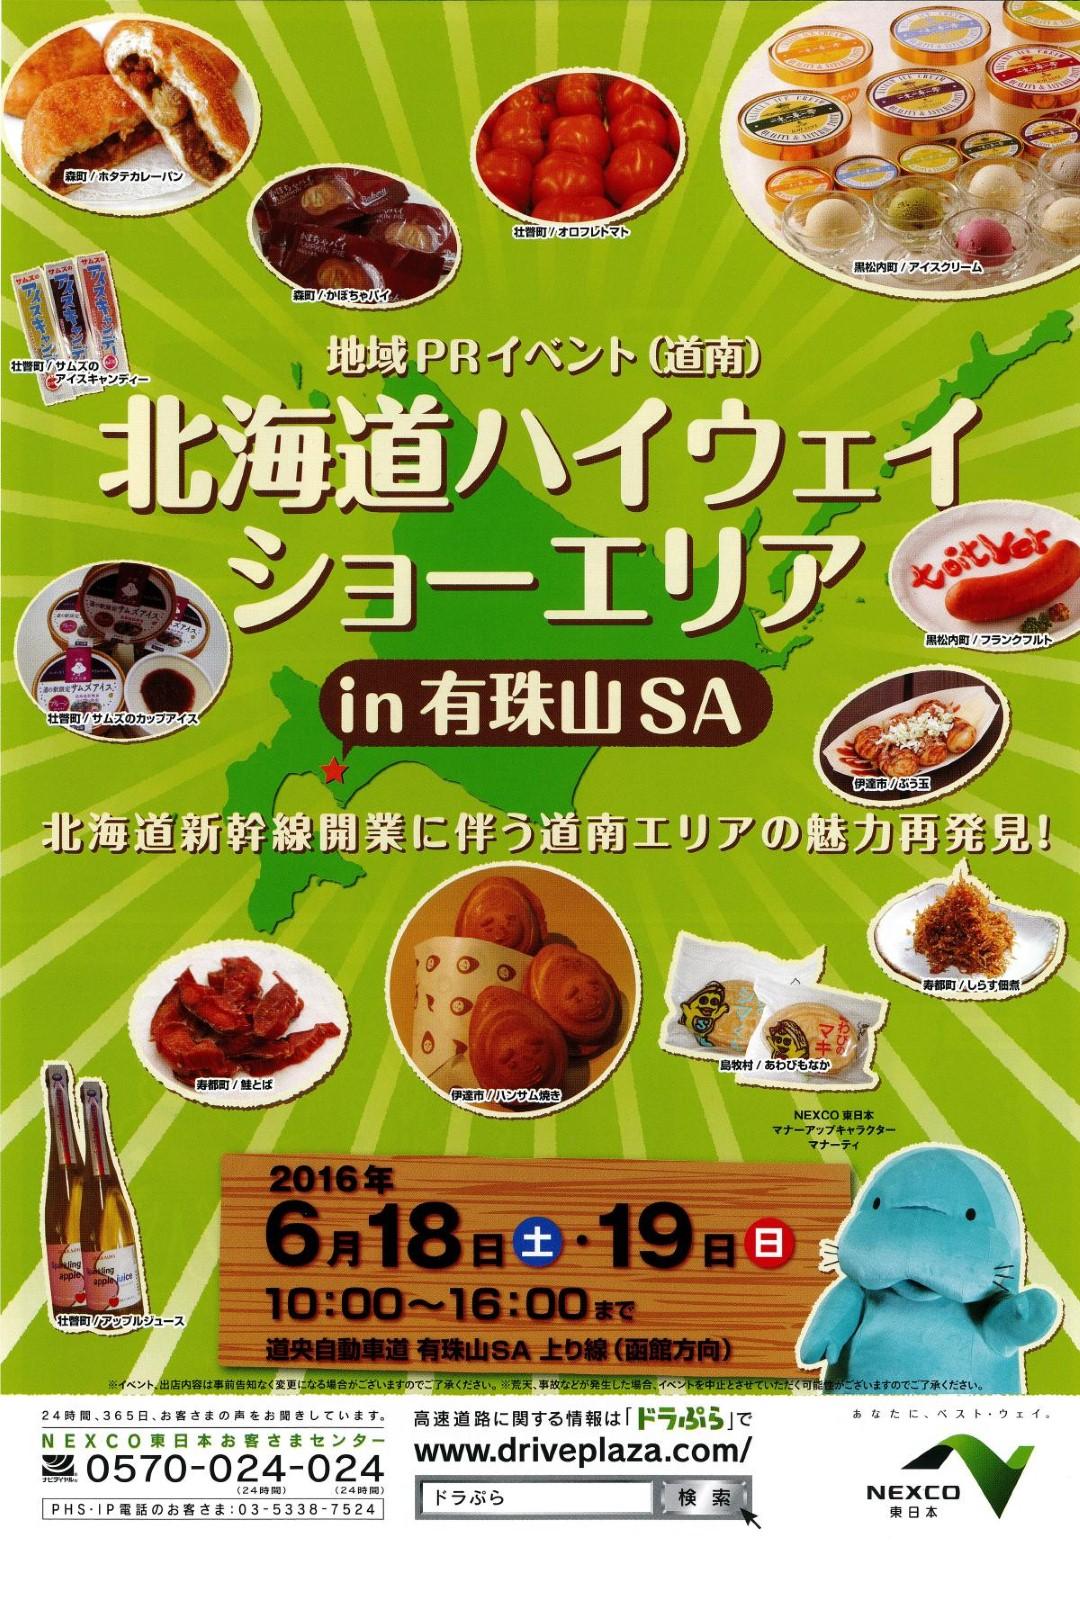 160618北海道エリアハイウェイショーエリア表紙 (Large)